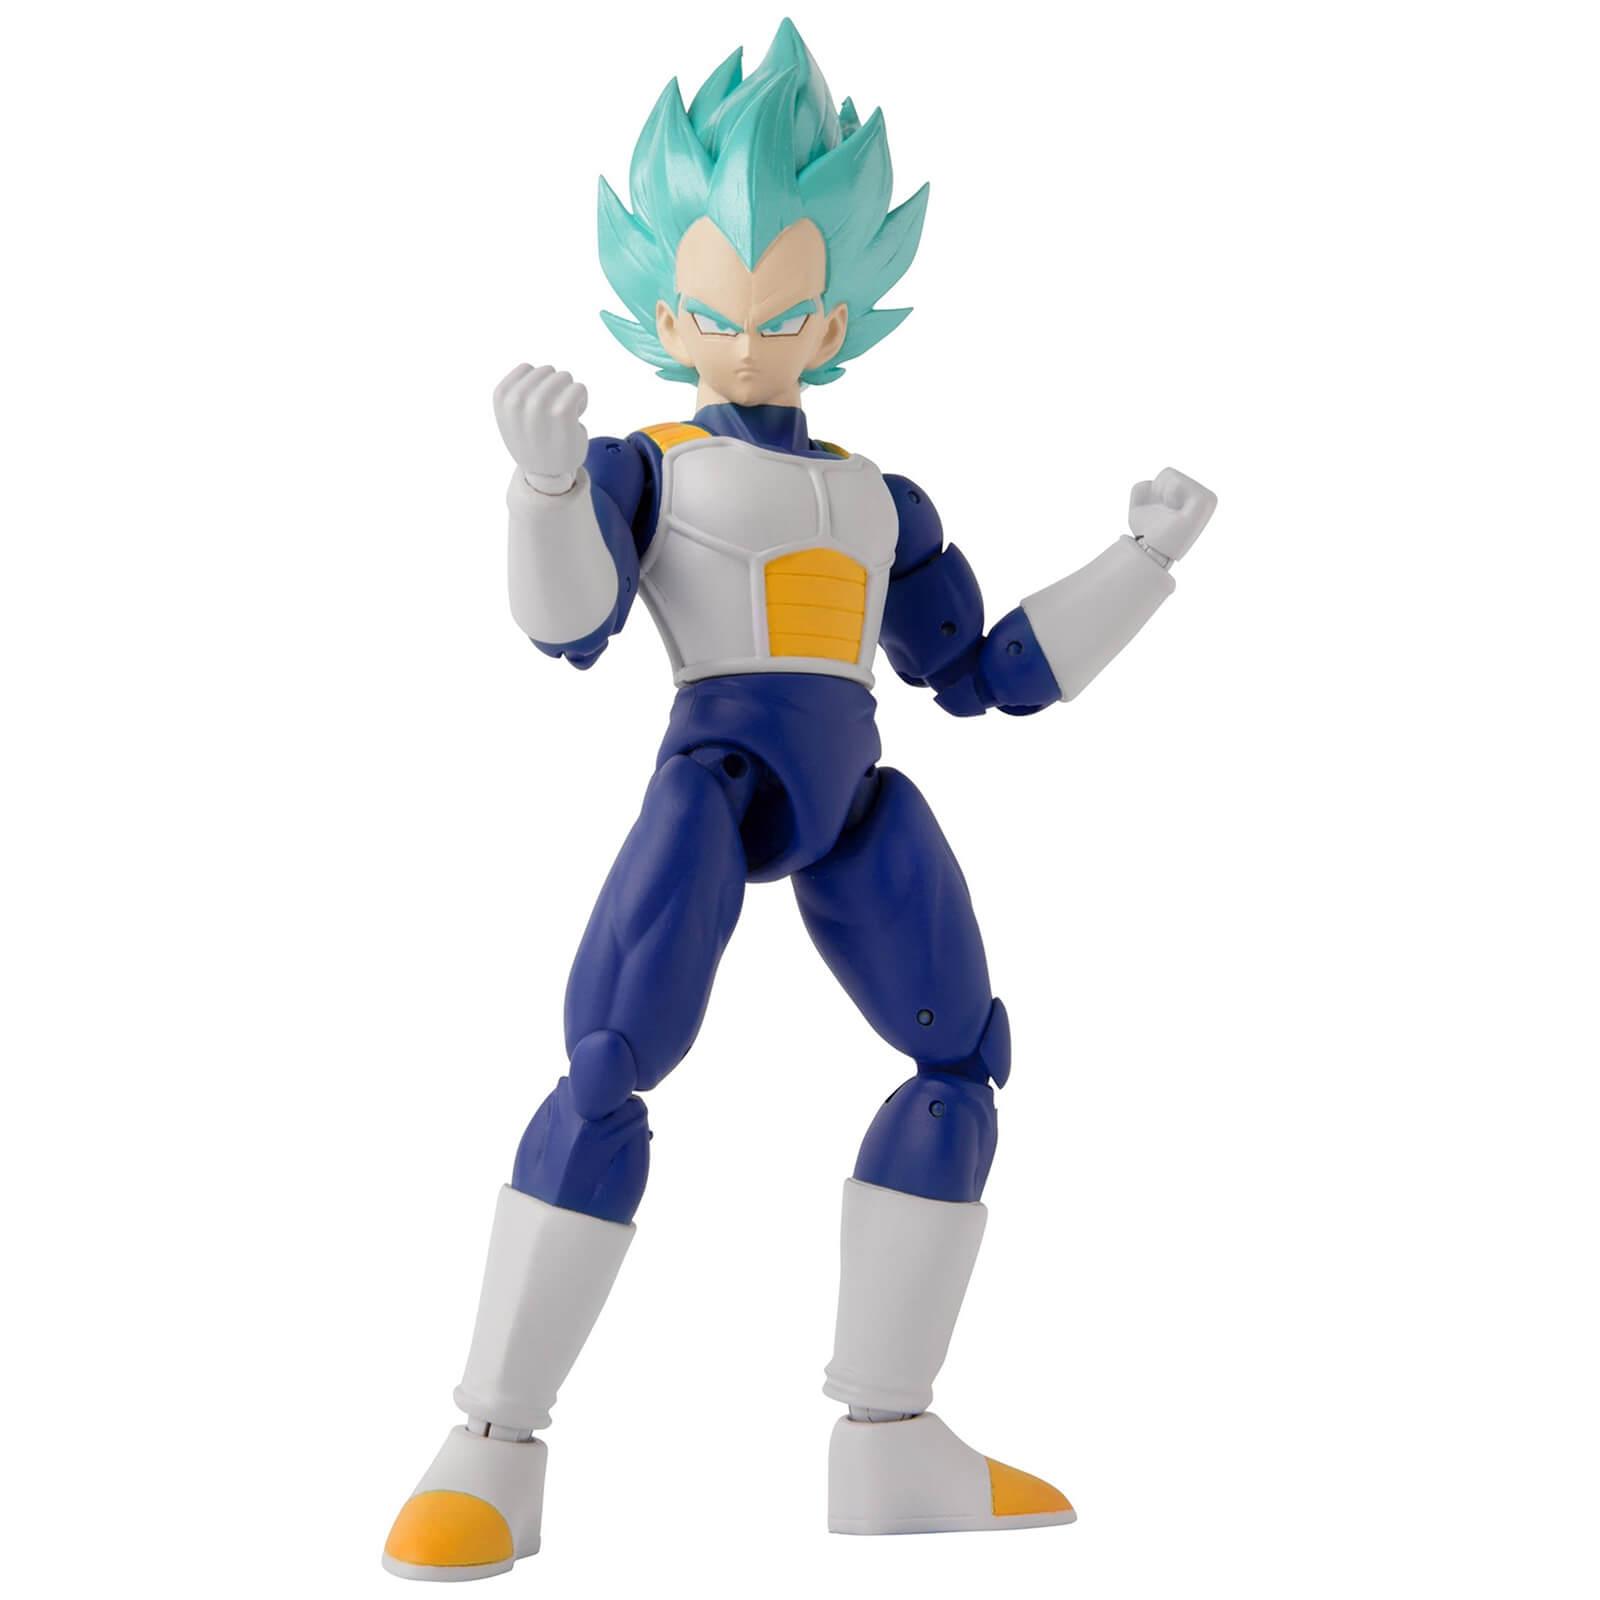 Image of Bandai Dragon Stars DBZ Super Saiyan Blue Vegeta Version 2 Action Figure